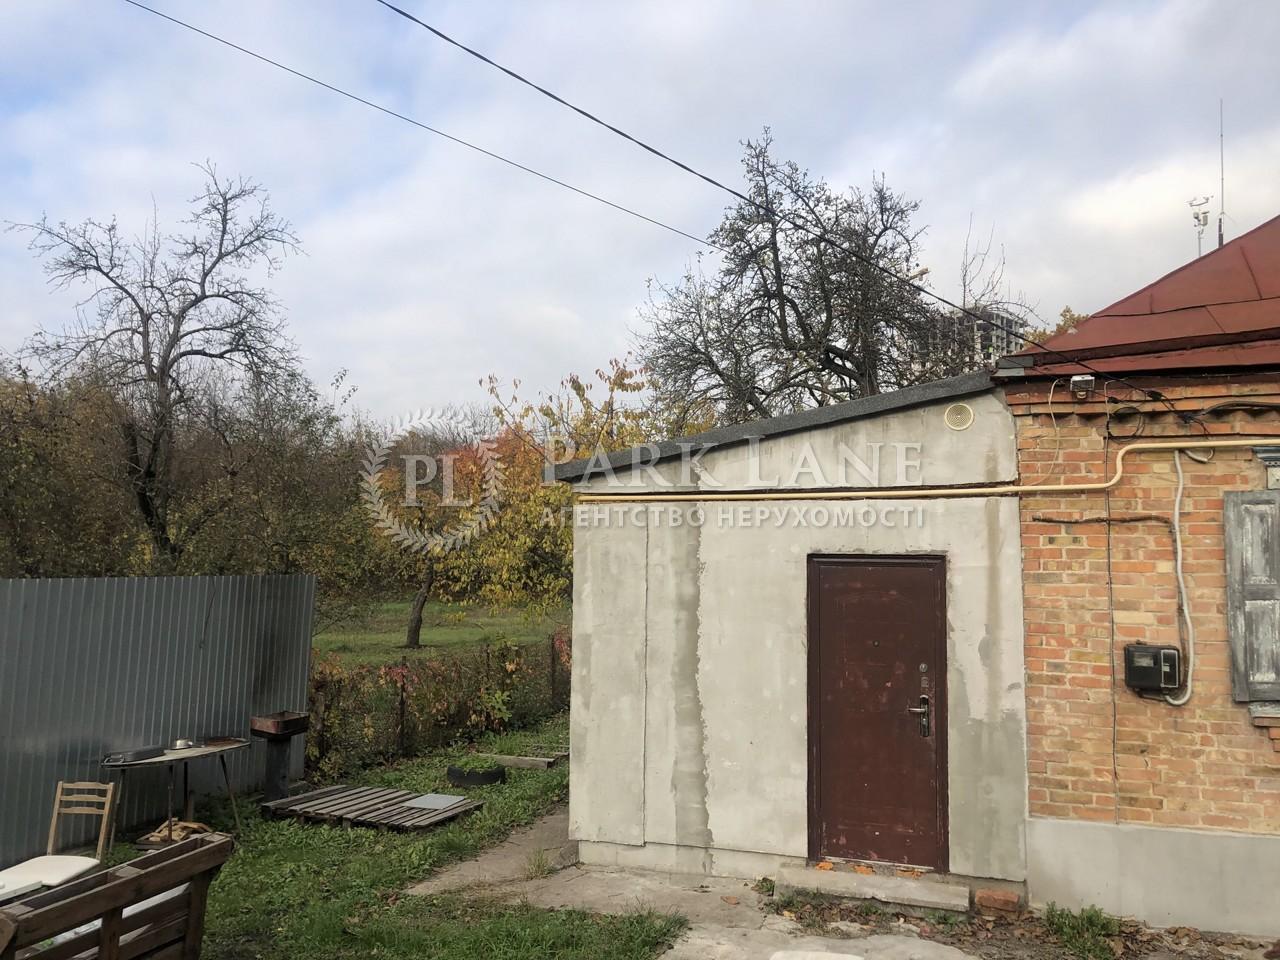 Земельный участок ул. Чабановская, Киев, R-36199 - Фото 3